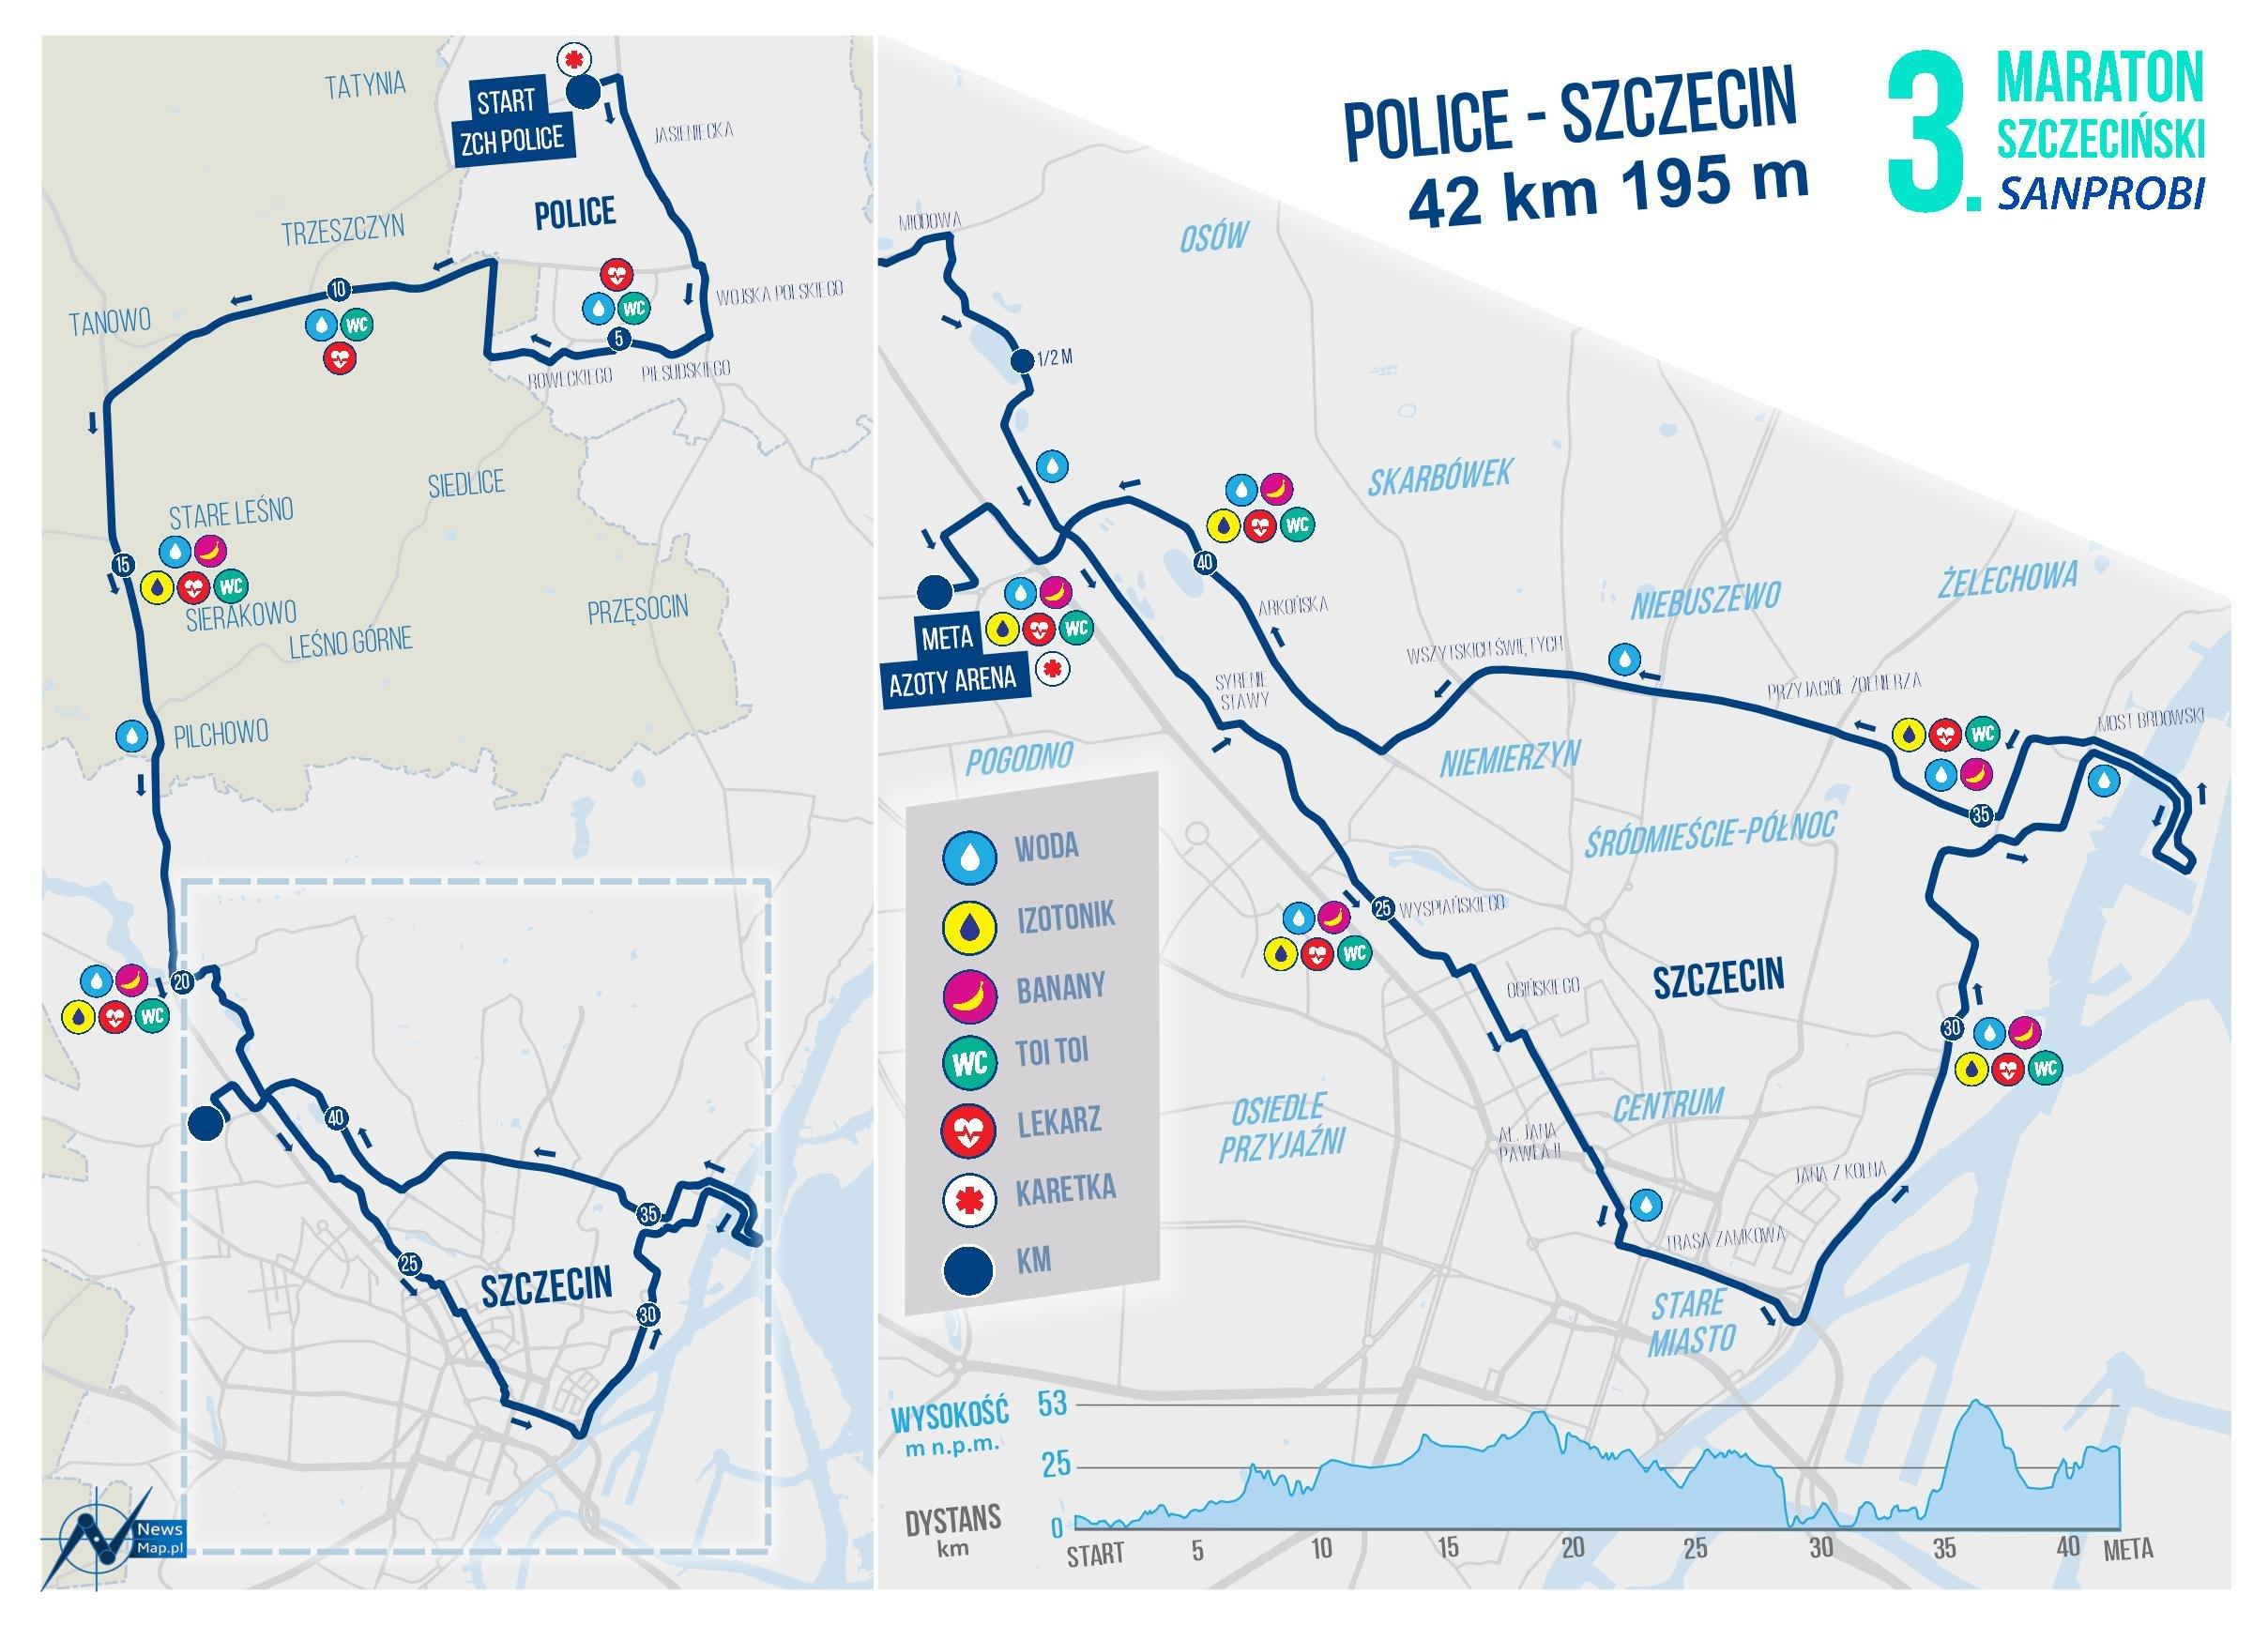 3. Maraton Szczeciński z profilem na mapie